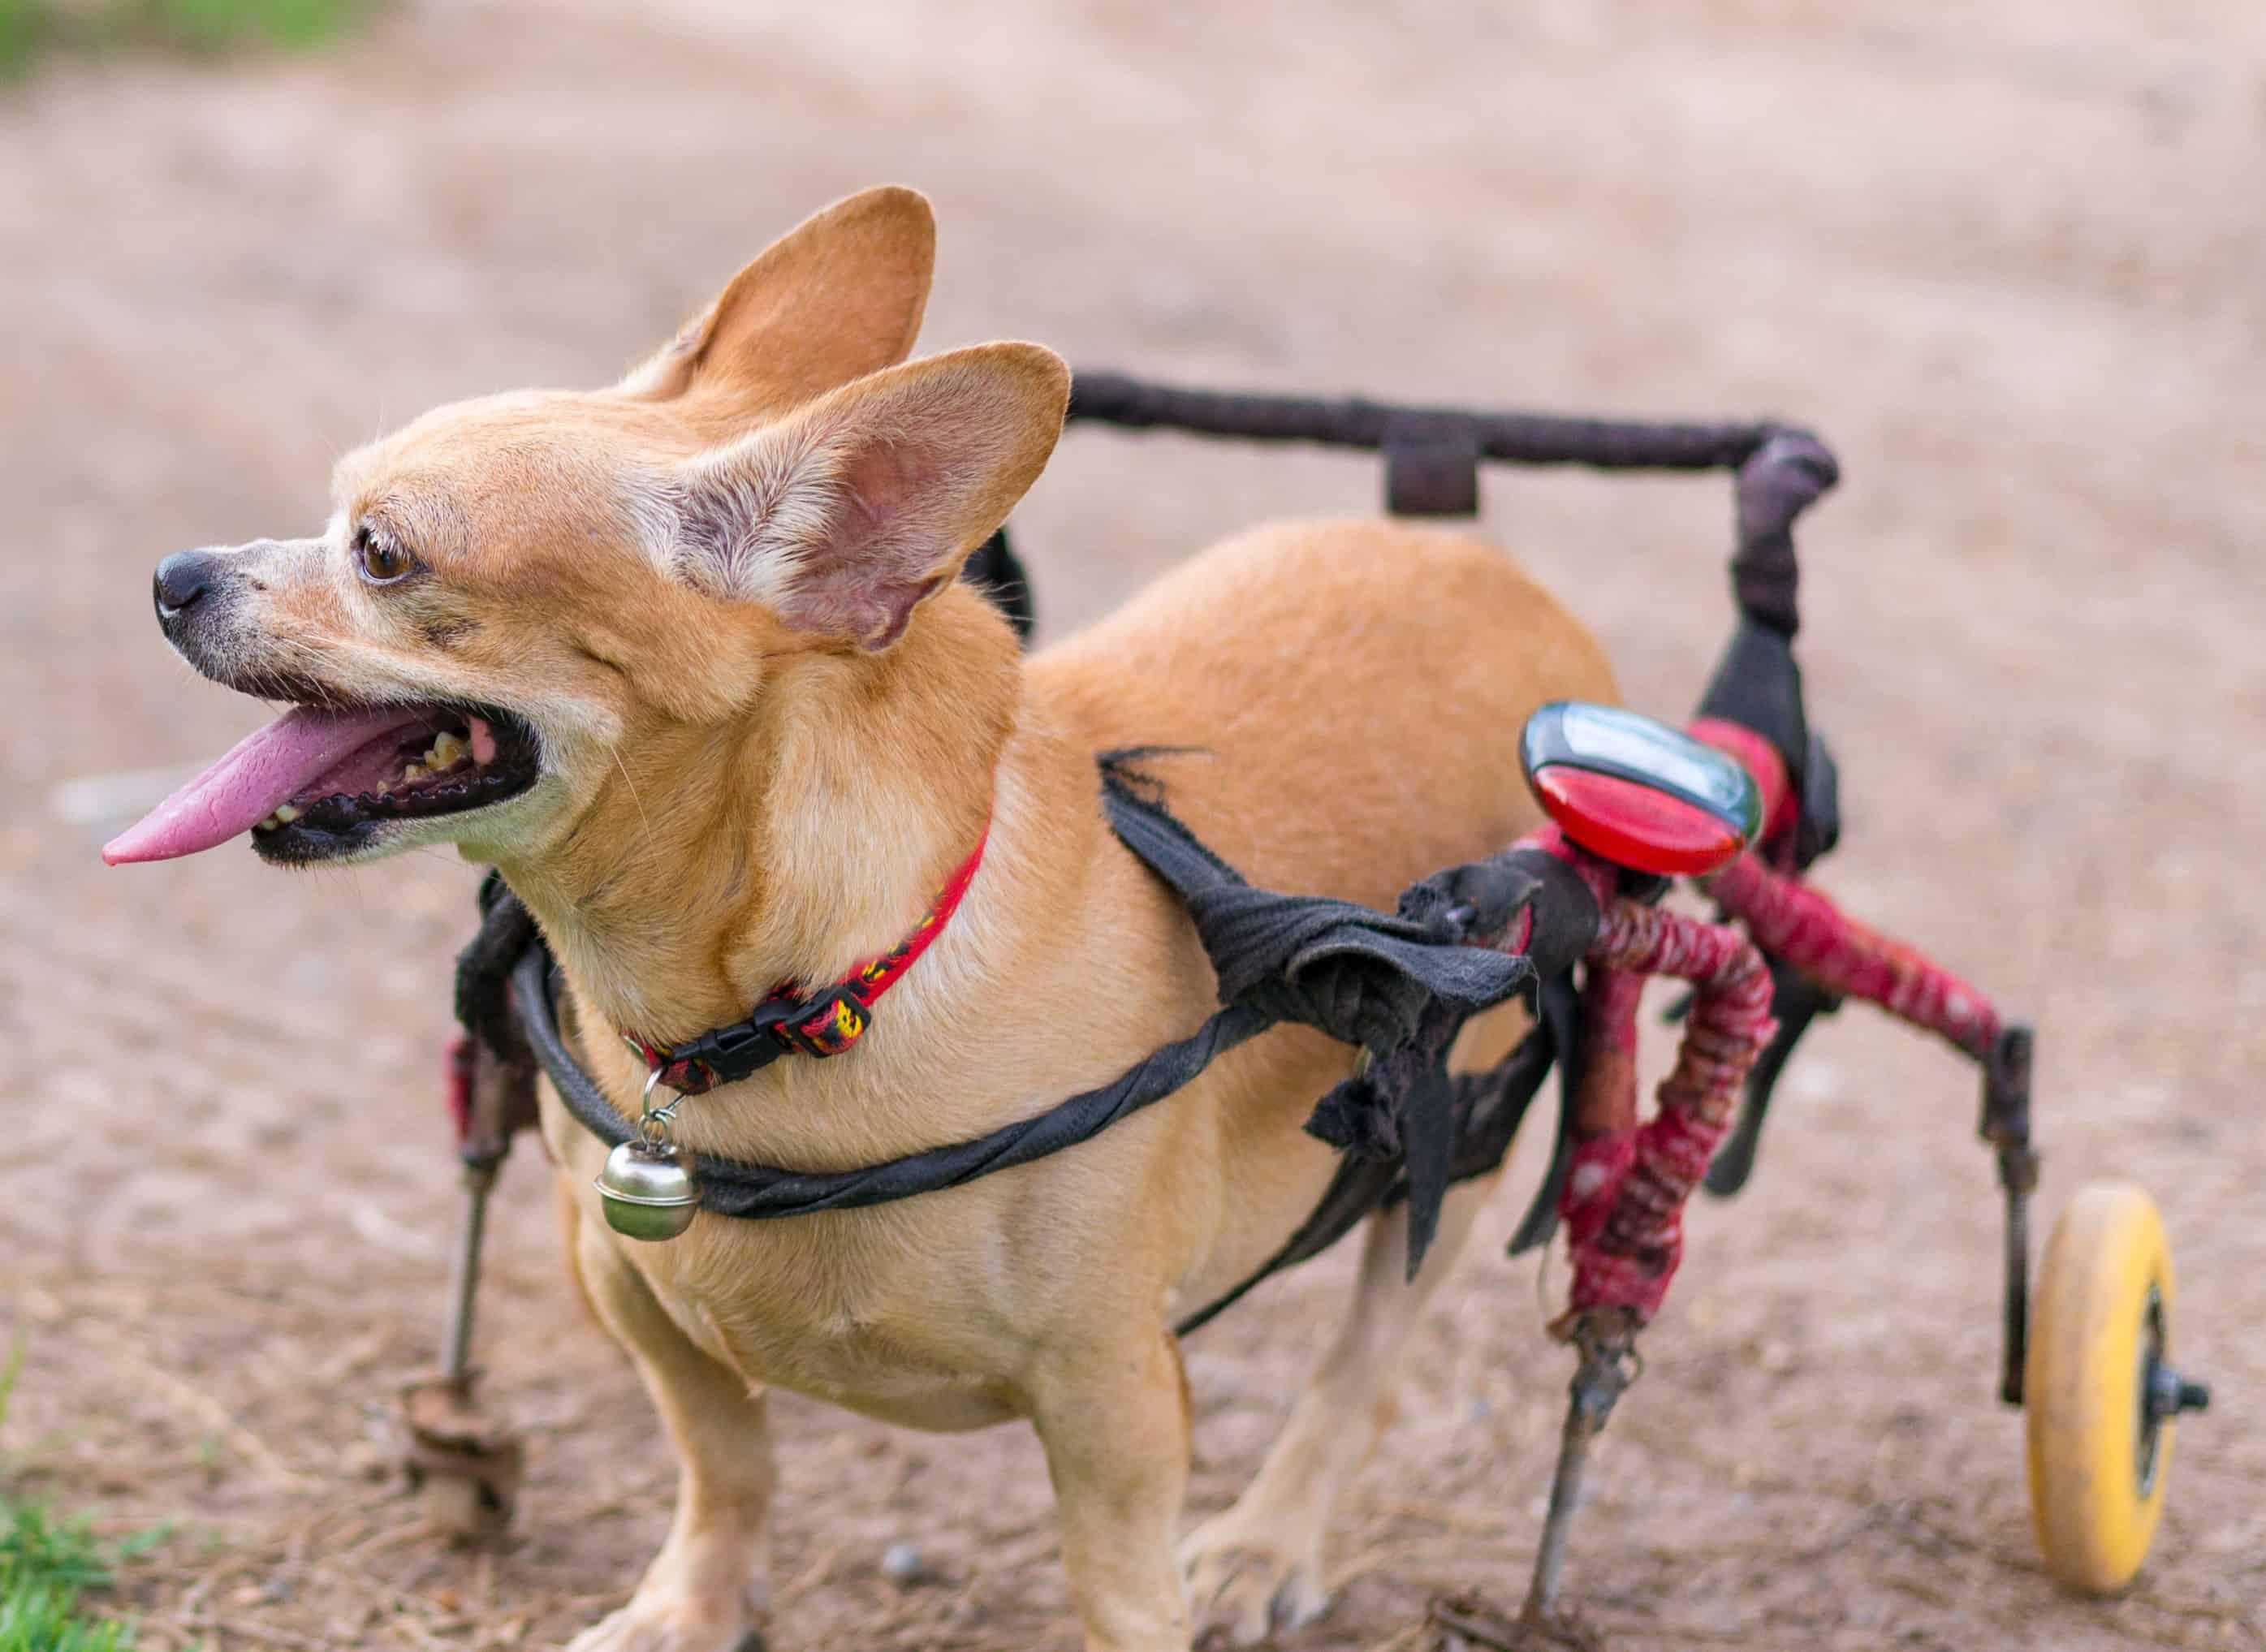 Miglior carrello per cani disabili 2020: Guida all'acquisto